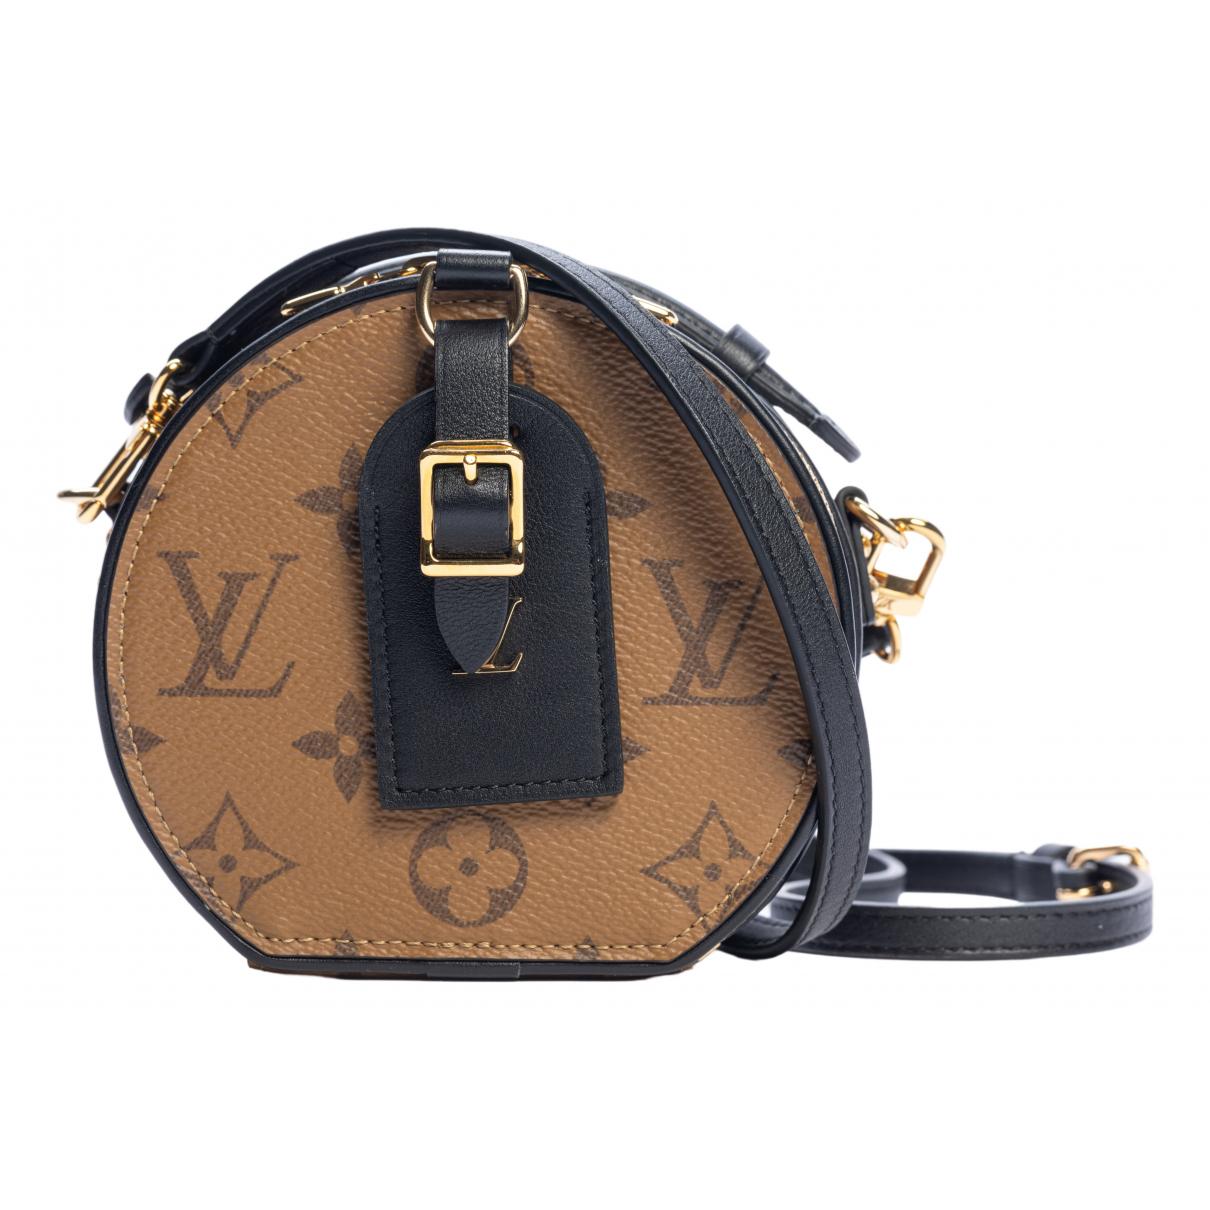 Louis Vuitton - Sac a main Boite chapeau souple pour femme en toile - marron